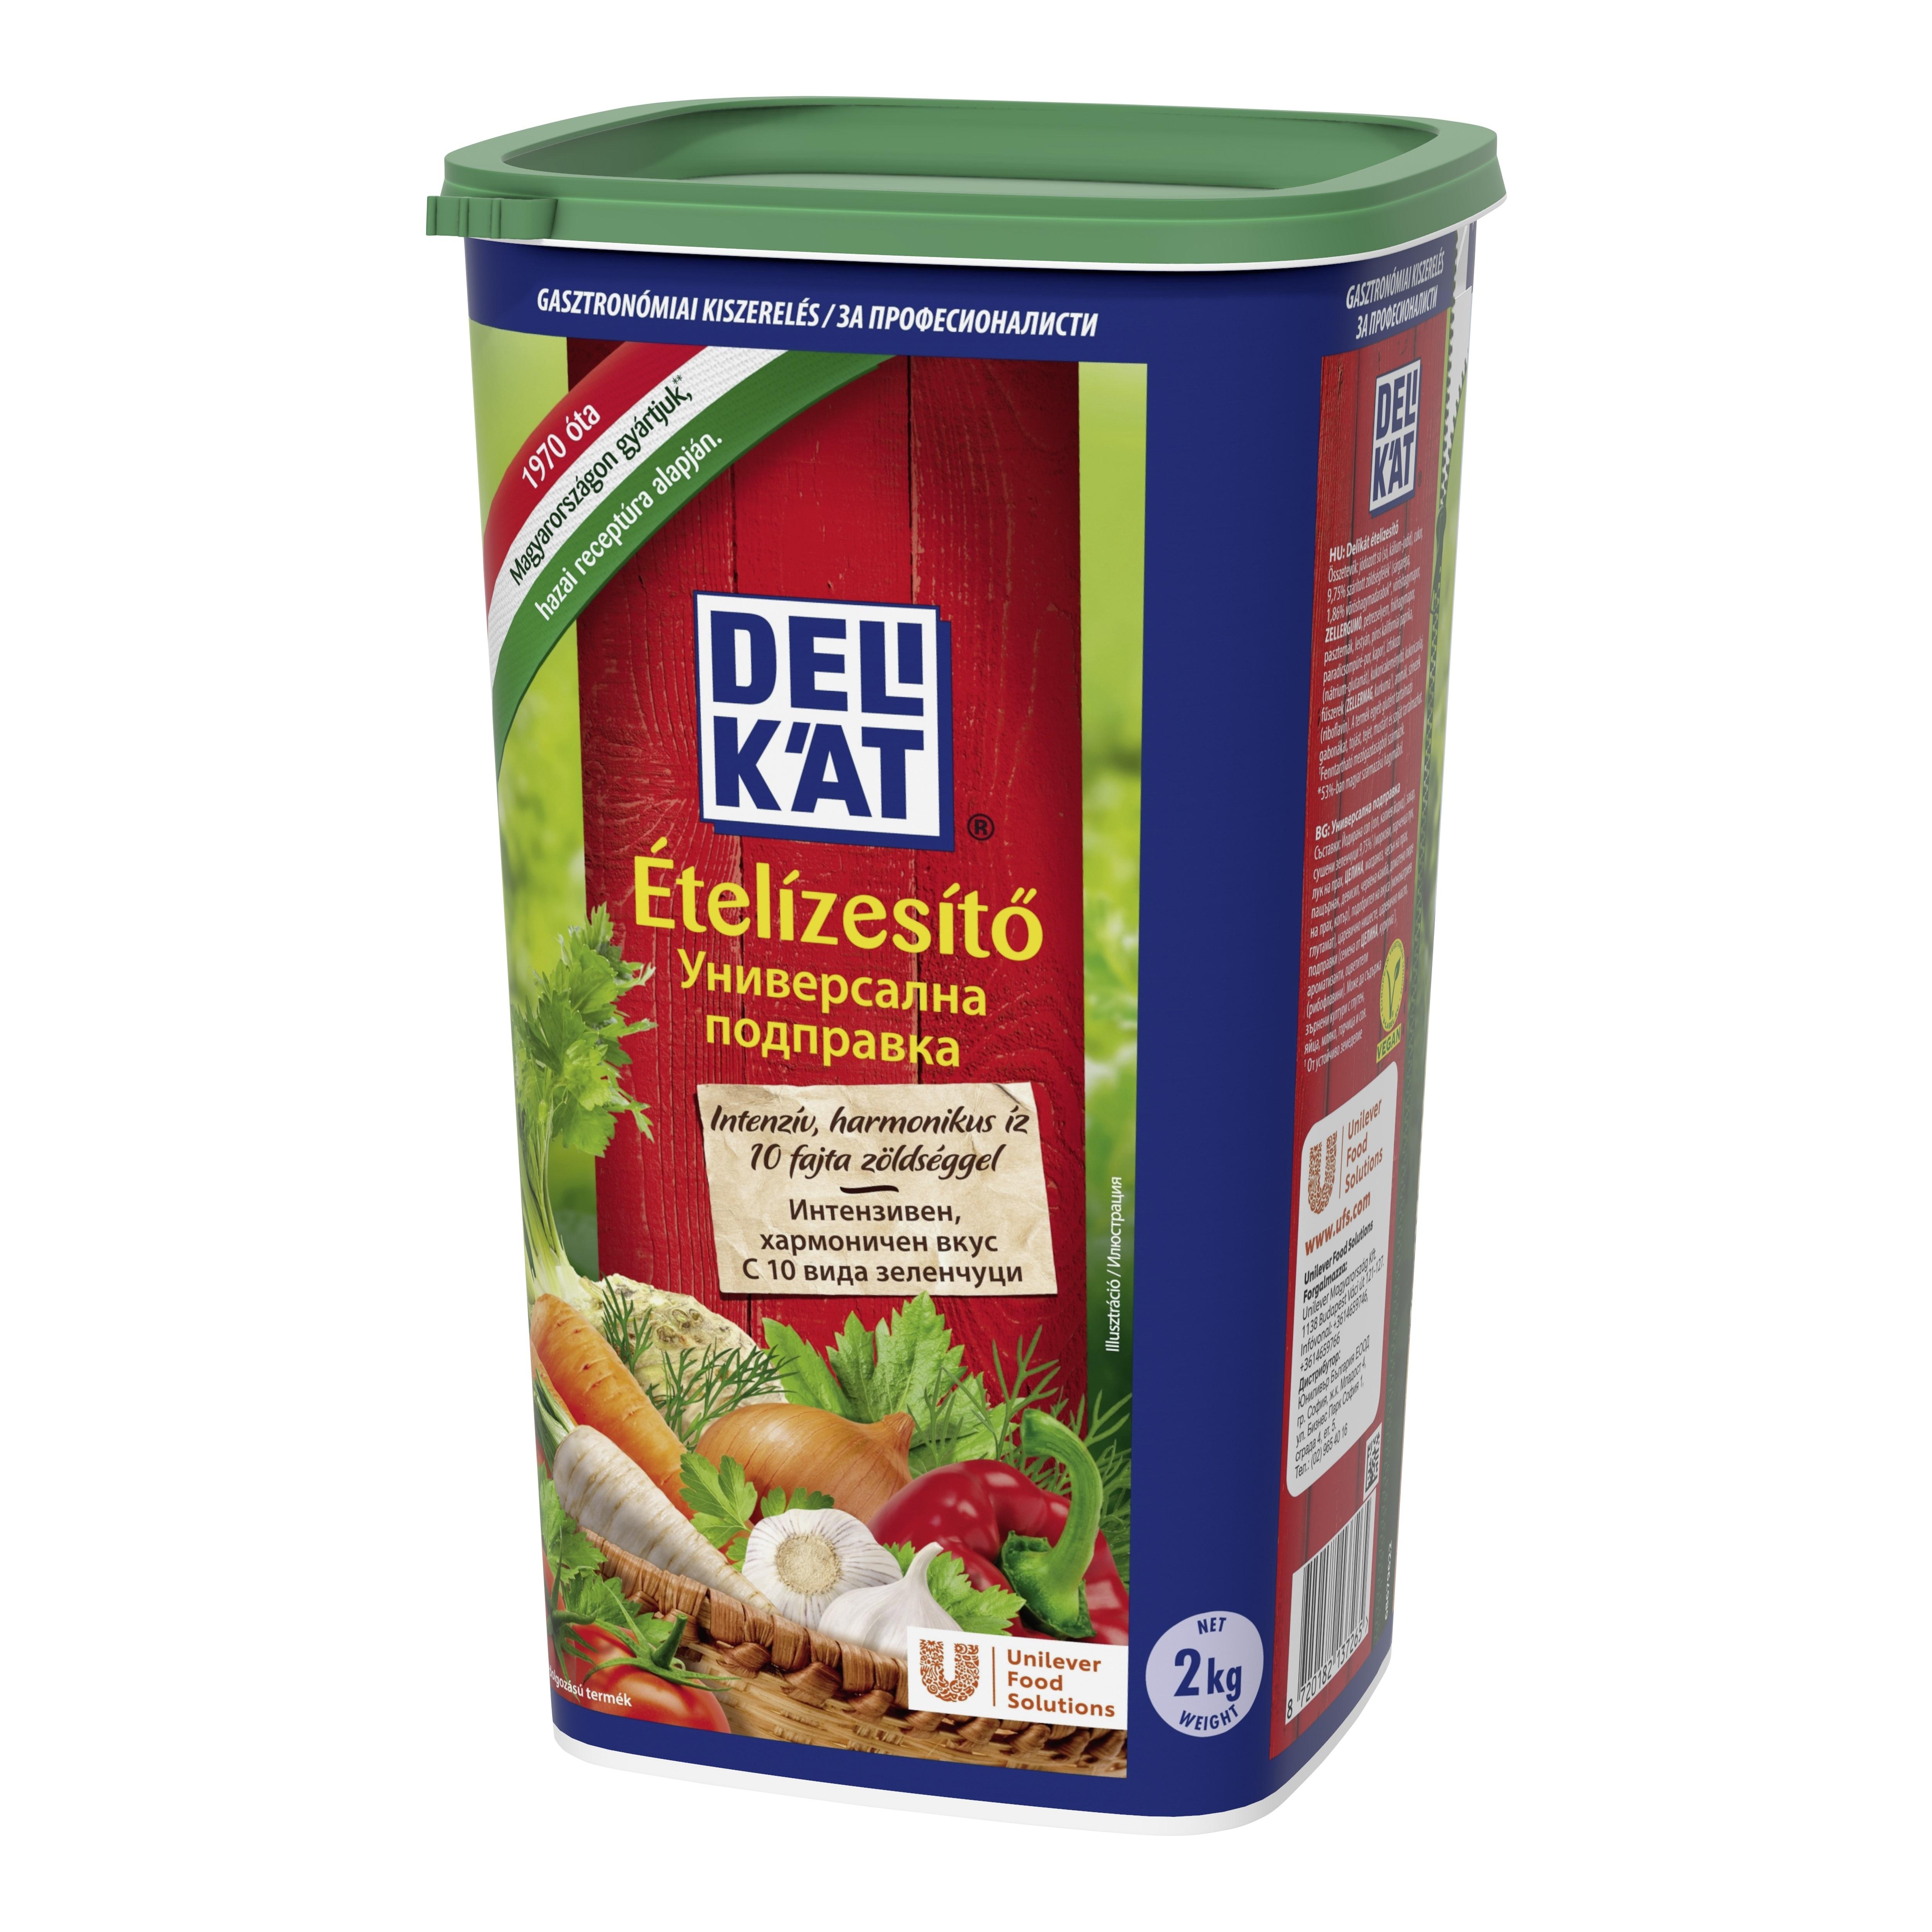 Knorr Delikat 2 kg